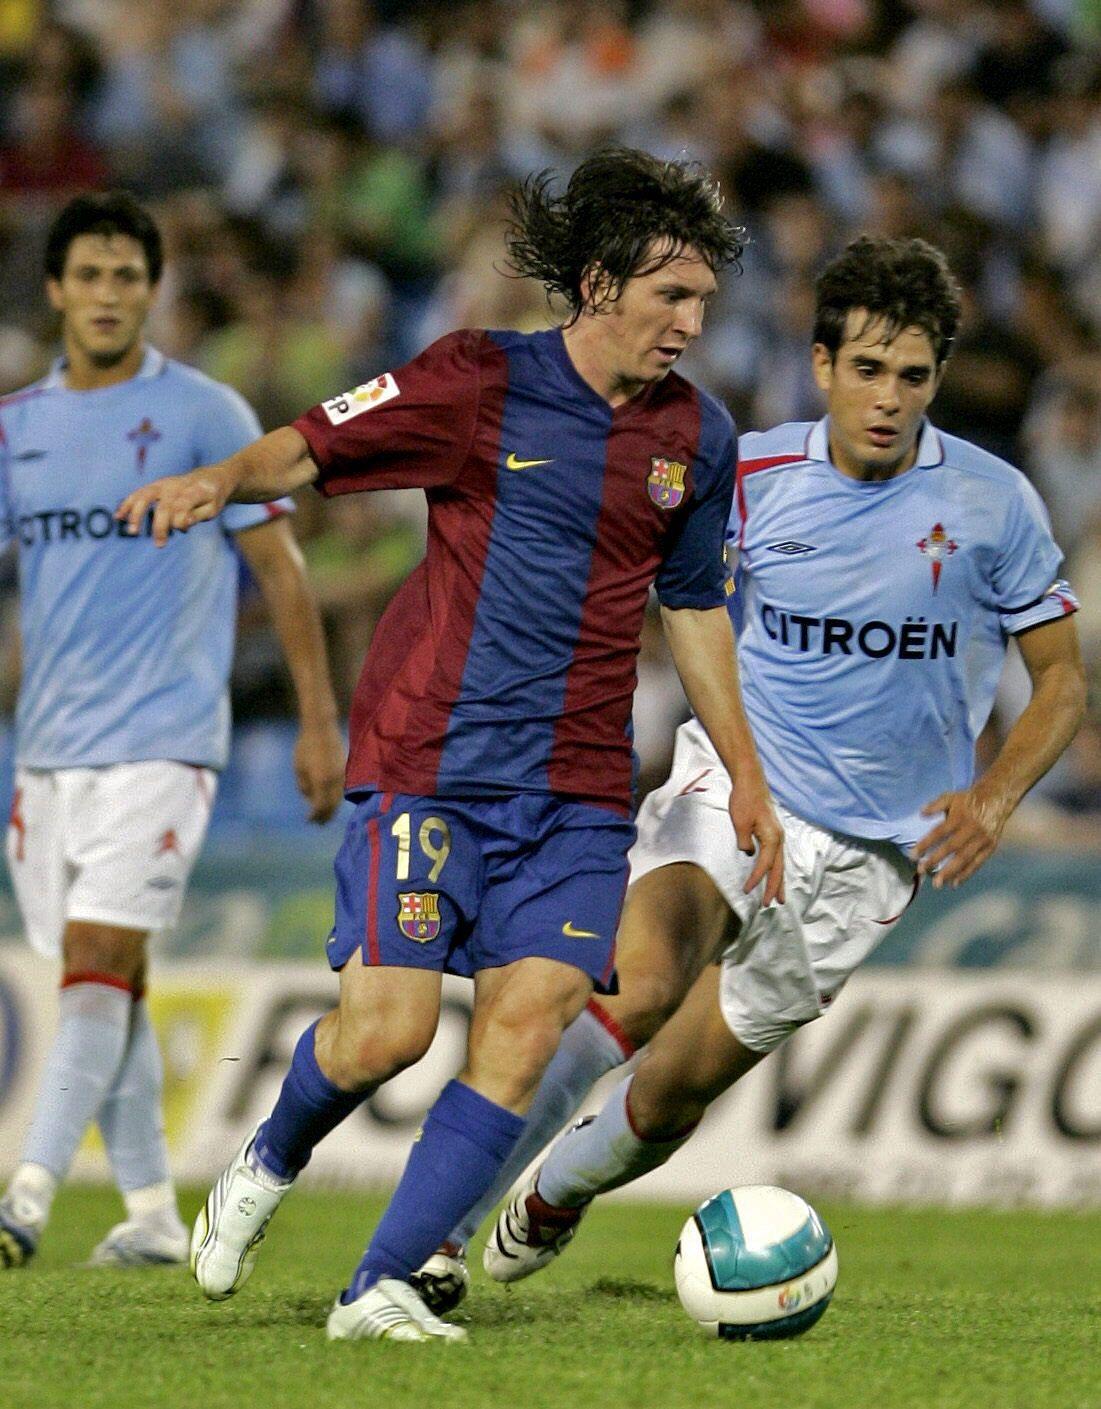 28-8-06 Lavandeira Jr Ante Borja Oubi�a en la primera jornada de Liga en bala�dos, donde anot� su primer gol ante el Celta.jpg